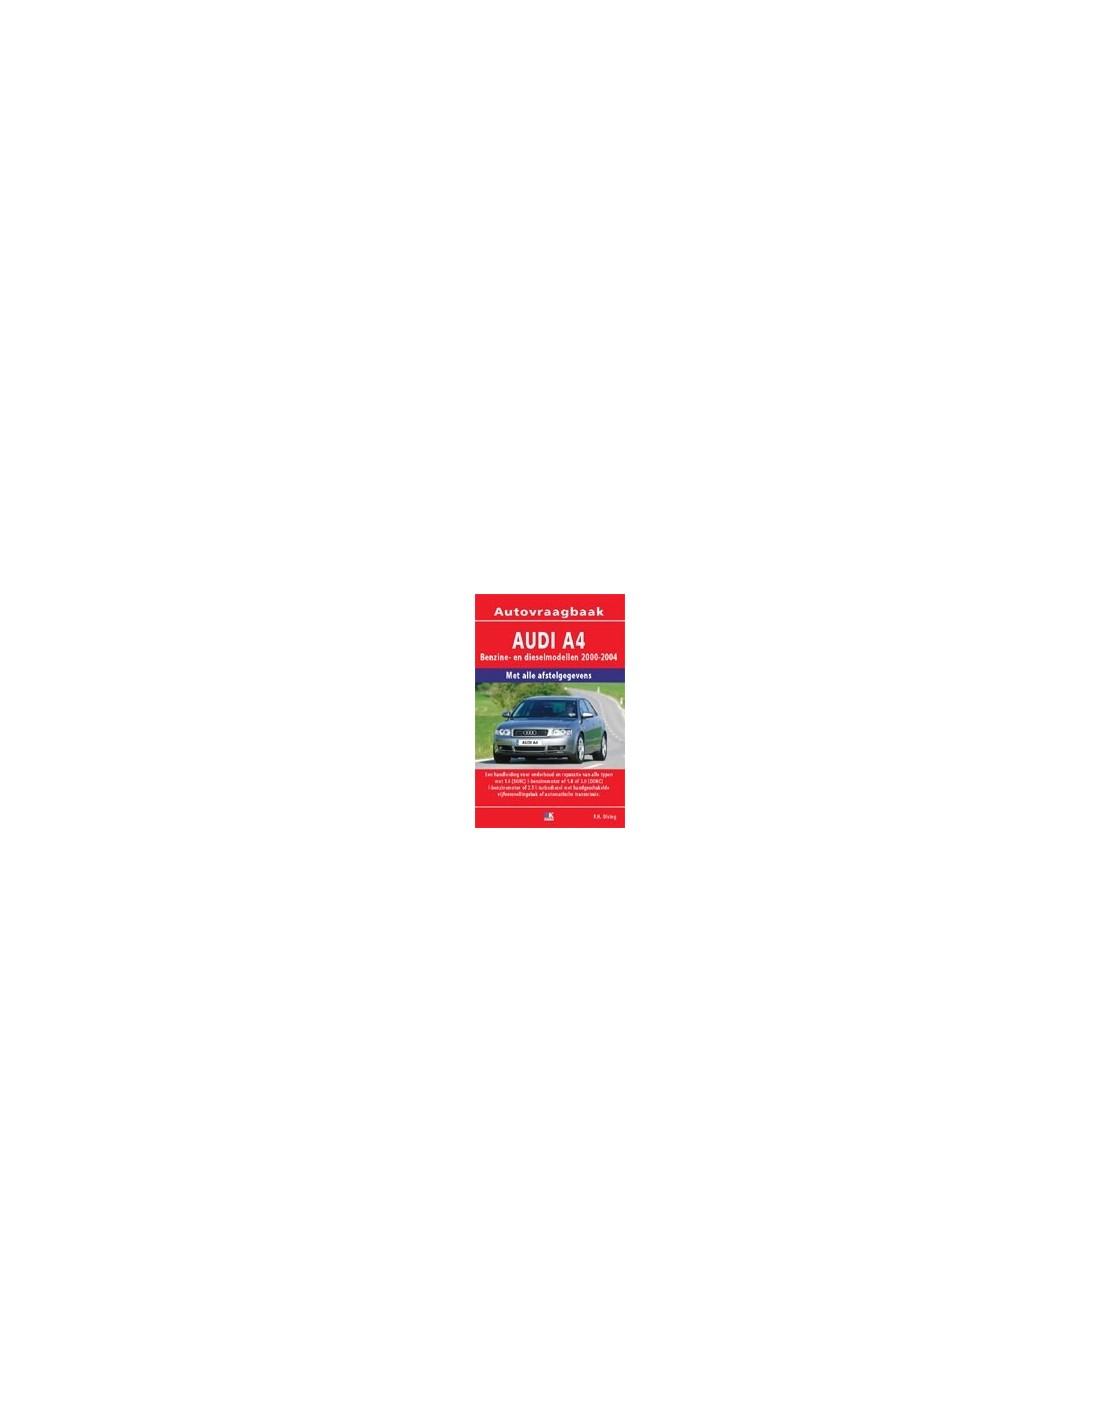 2001 2004 audi a4 petrol diesel repair manual dutch rh autolit eu 98 Audi A4 Owner Manual Audi A4 B5